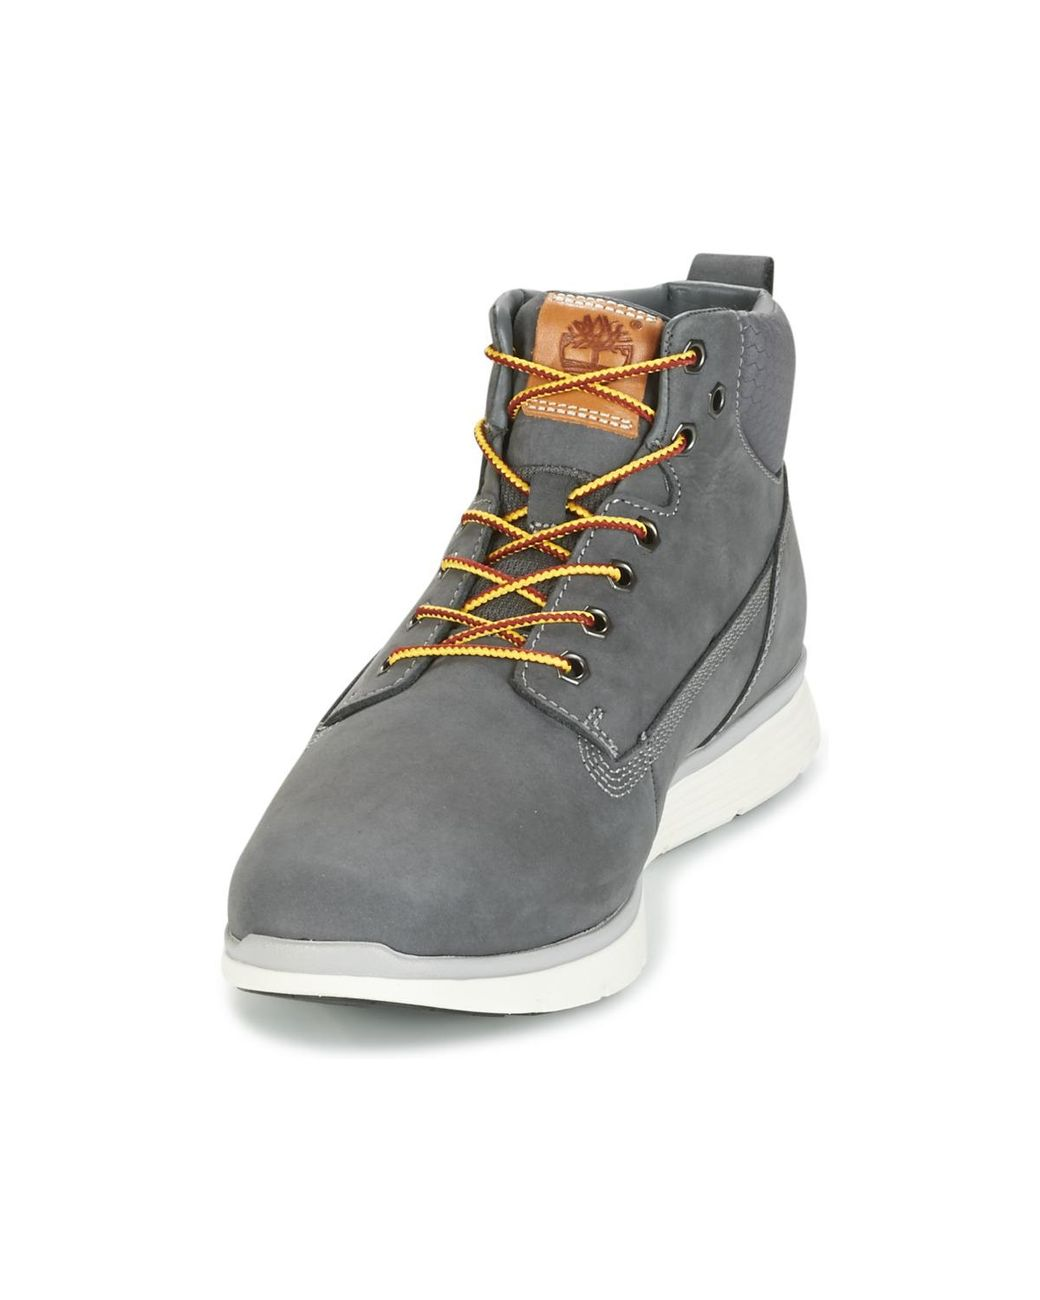 Killington Gris Chaussures Hommes Timberland Chukka Pour Homme En 53RLqj4A